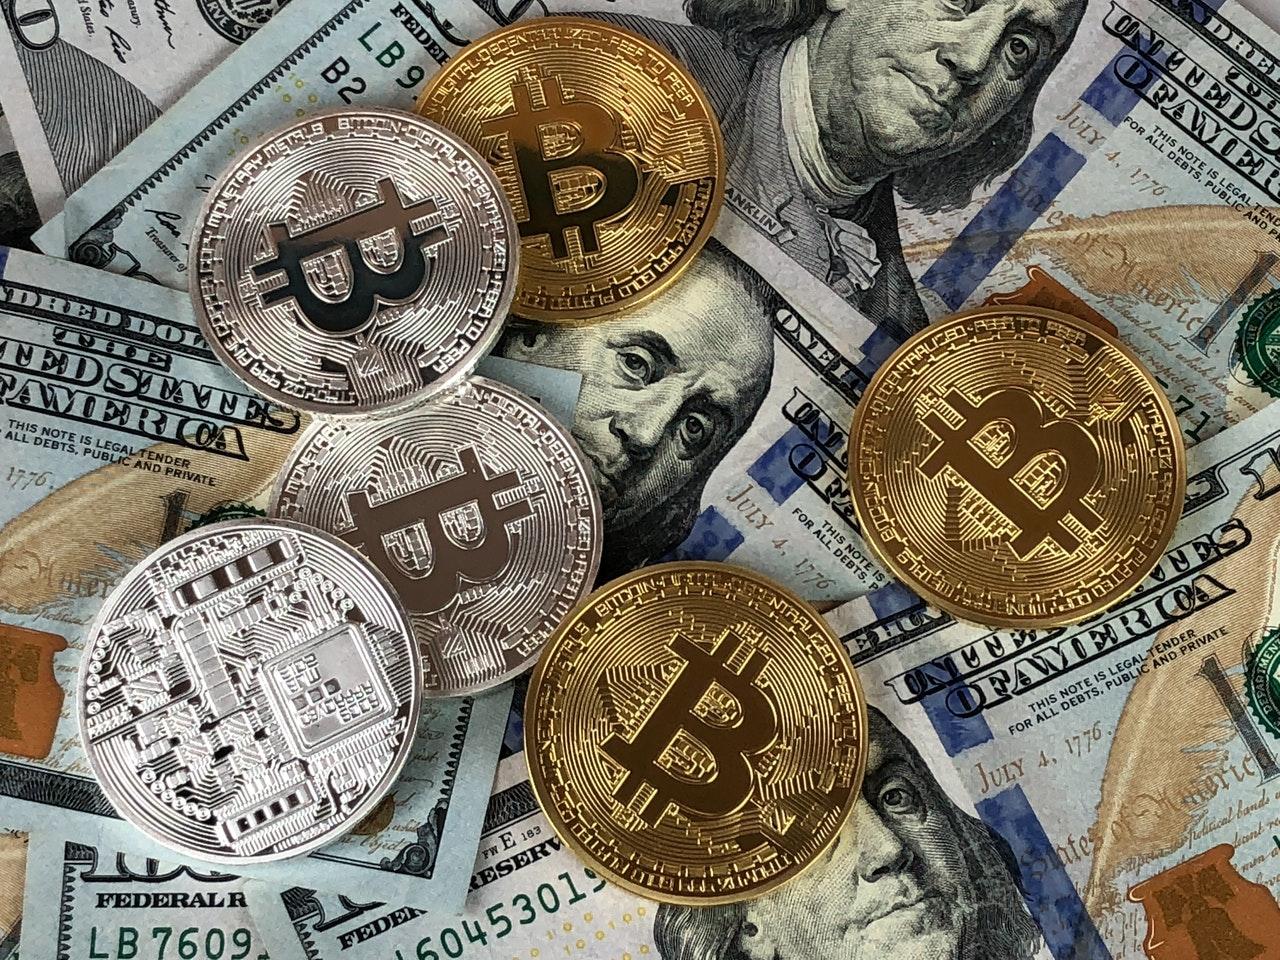 La prohibición de China sobre los criptoactivos obliga al grupo minero de Huobi a rotar 100k Bitcoin